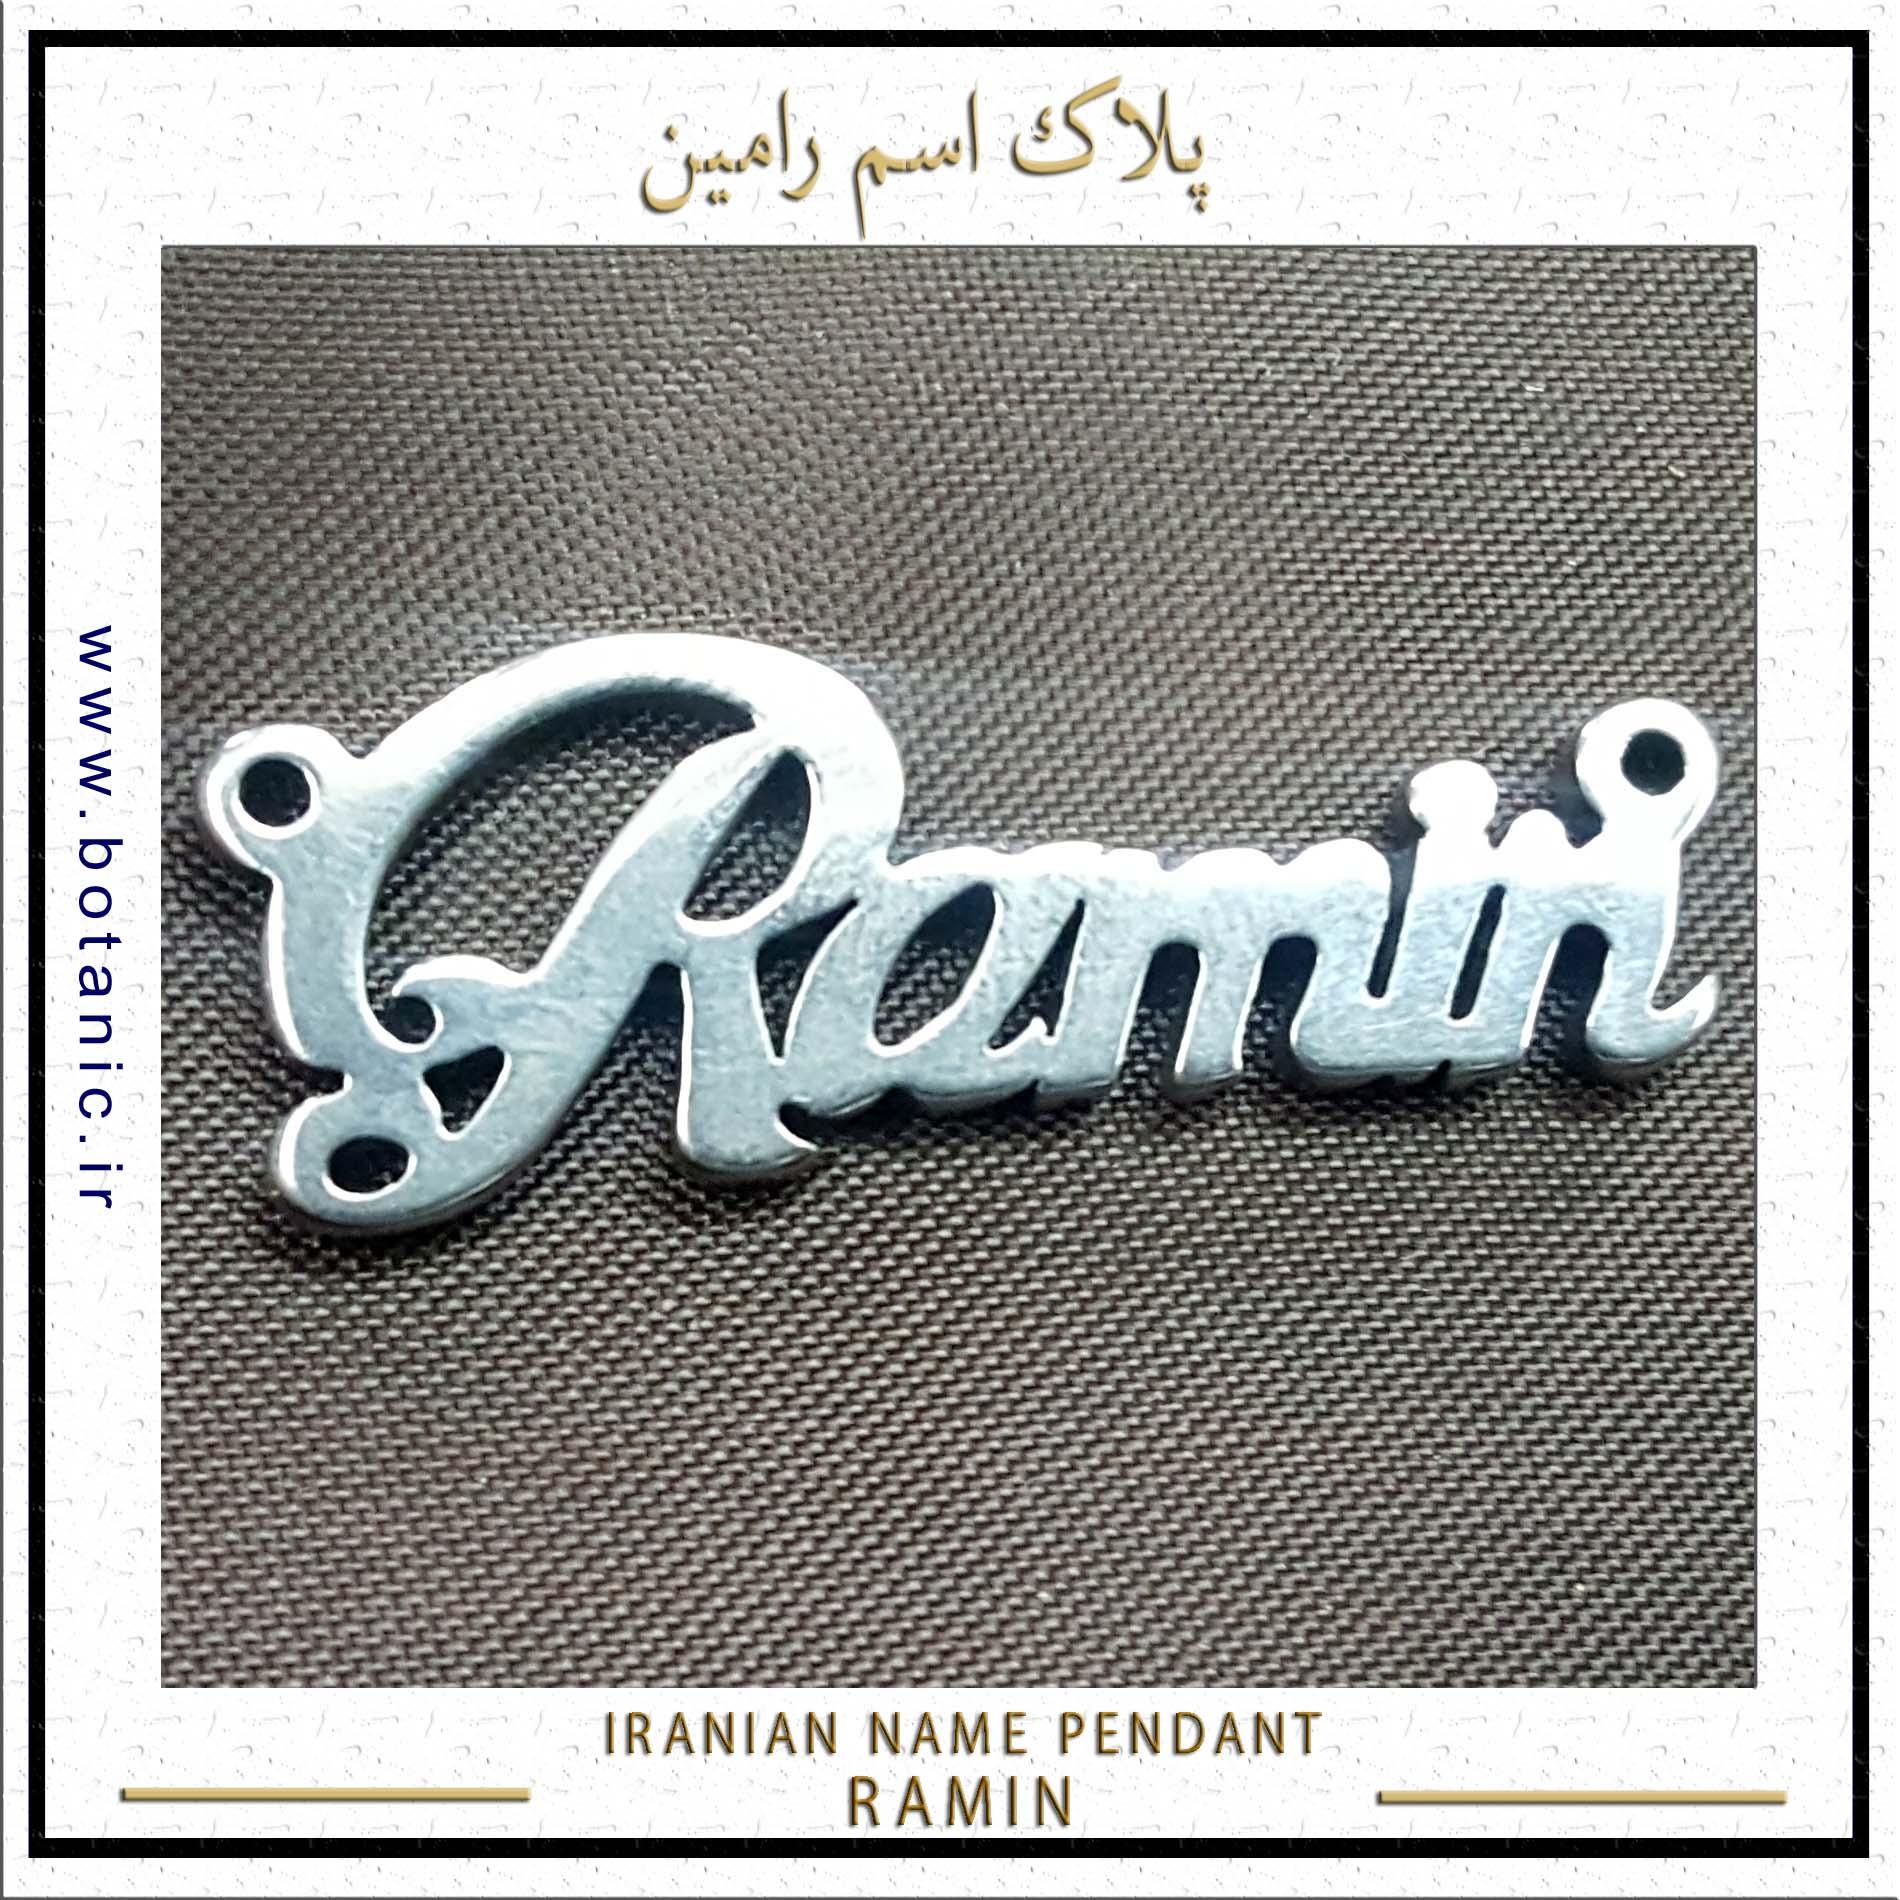 Iranian Name Pendant Ramin